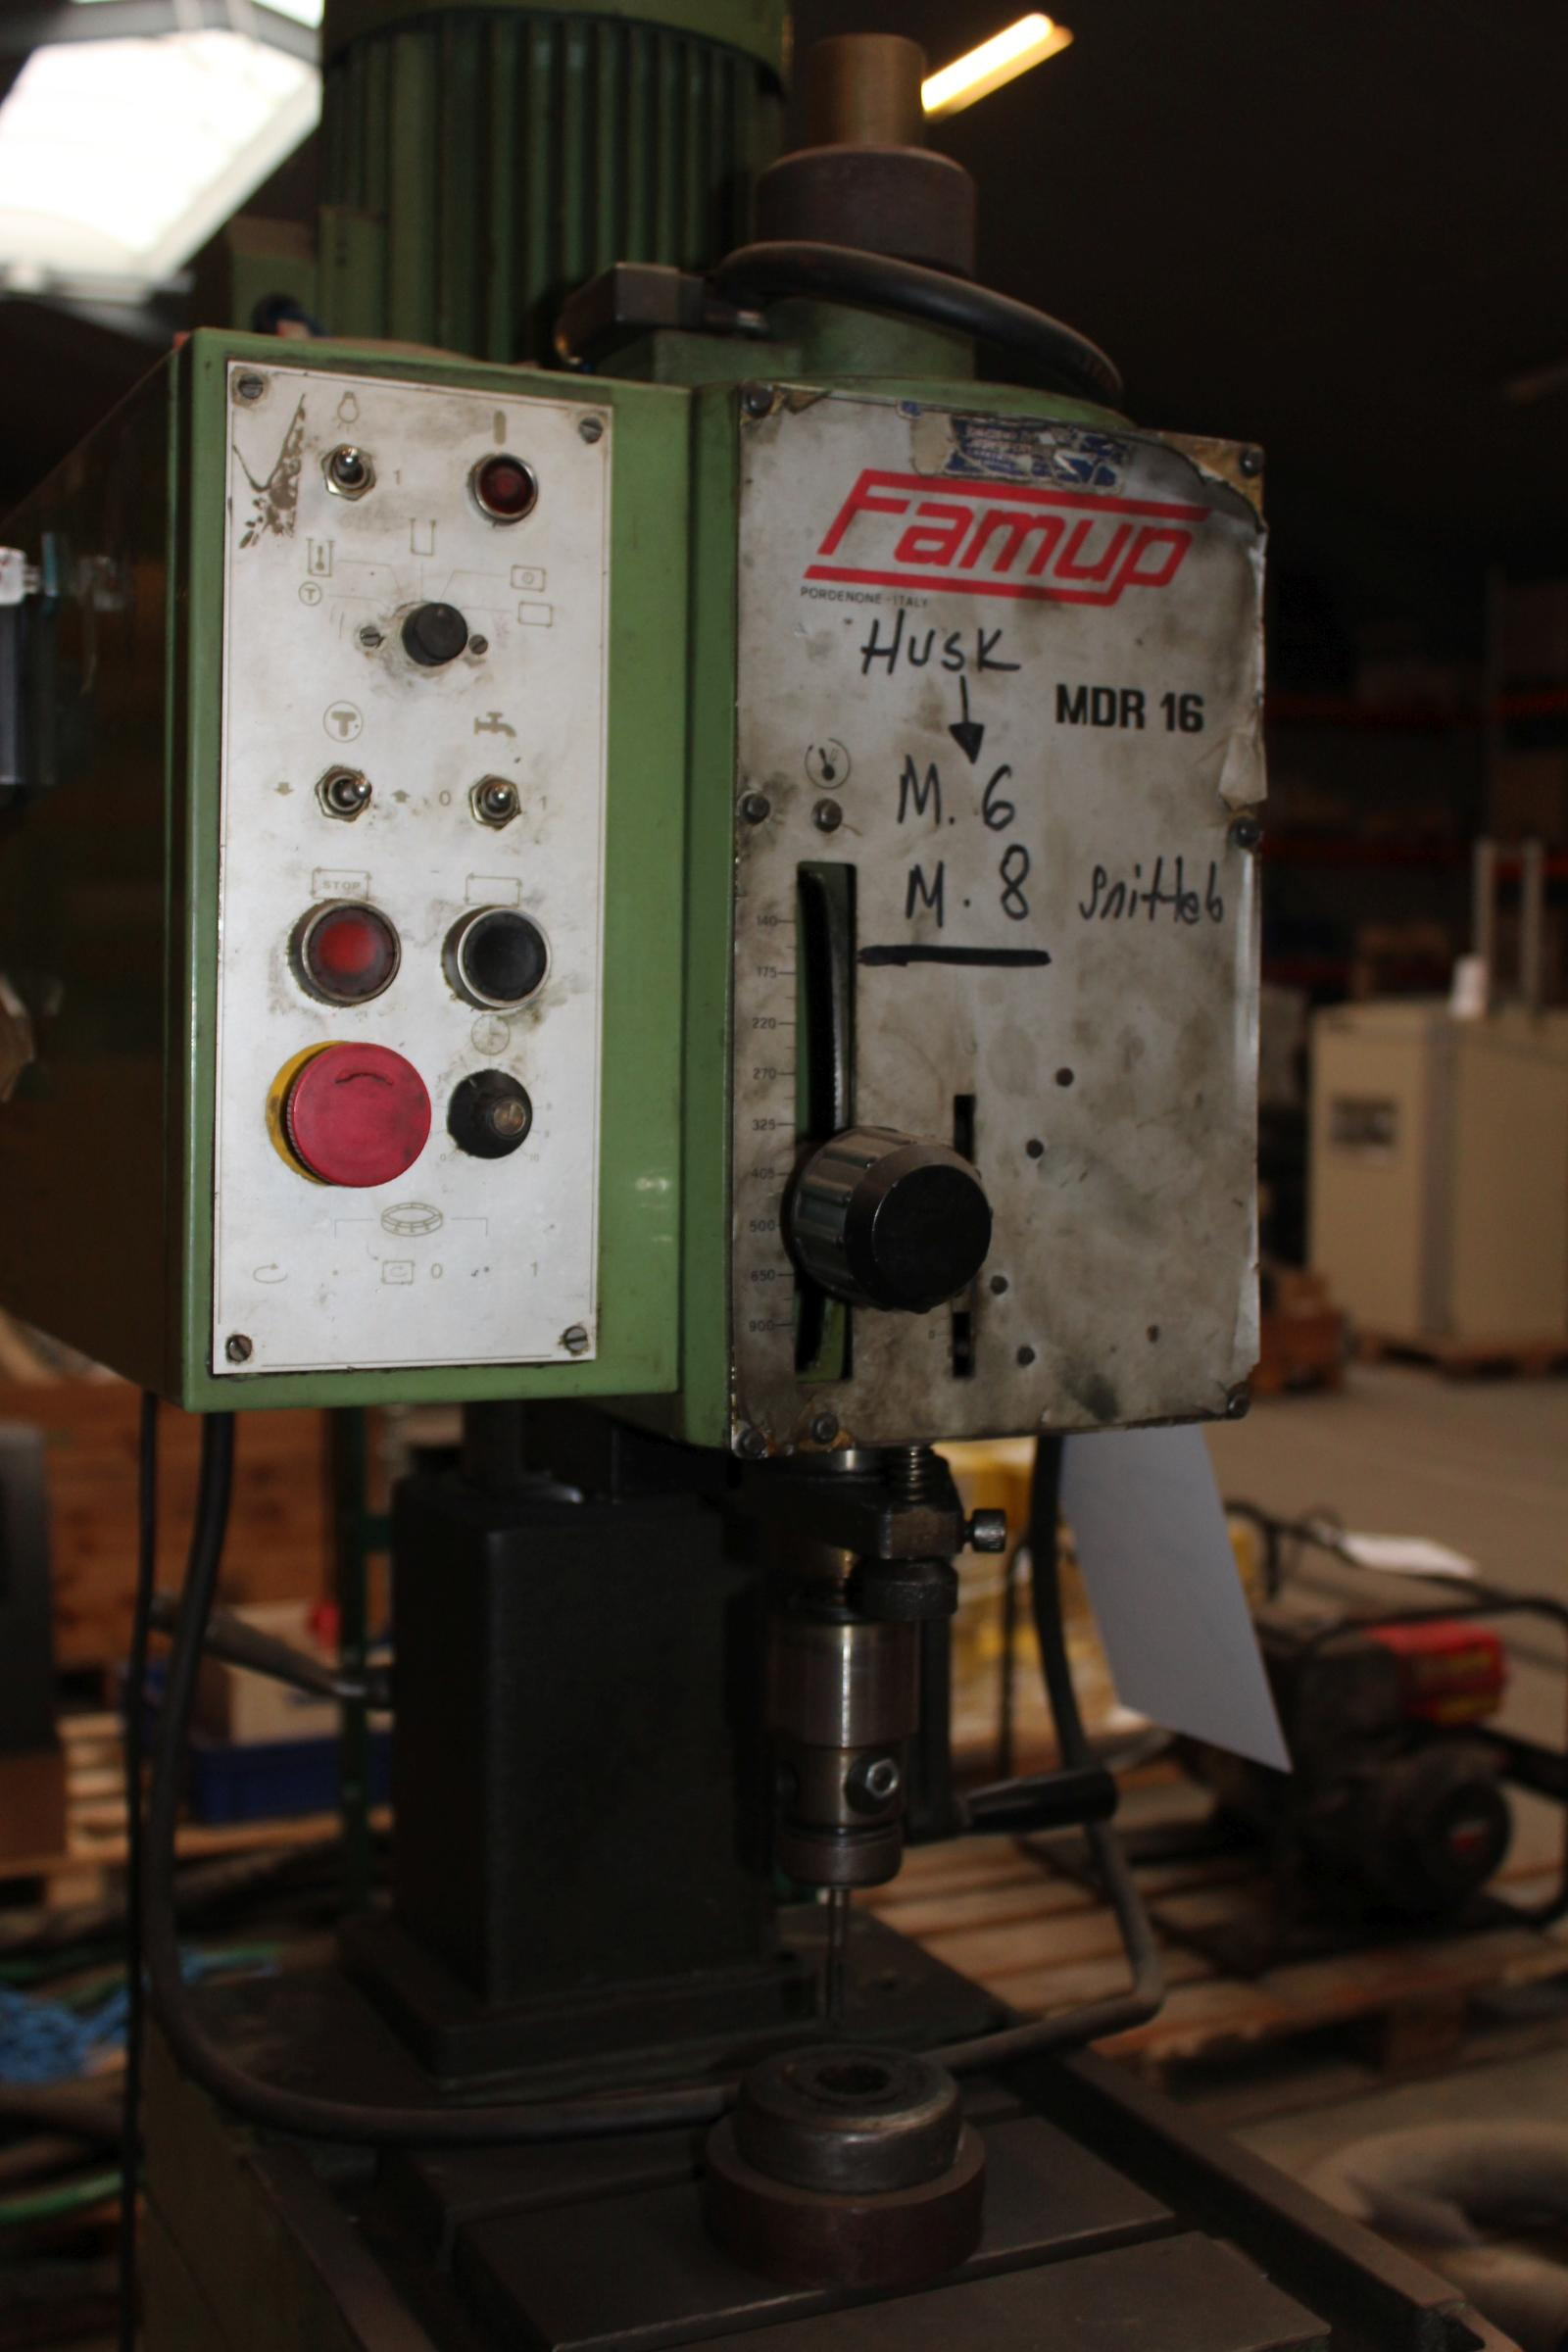 Famup MDR16 Søjleboremaskine fodbetjent - KJ Auktion - Maskinauktioner